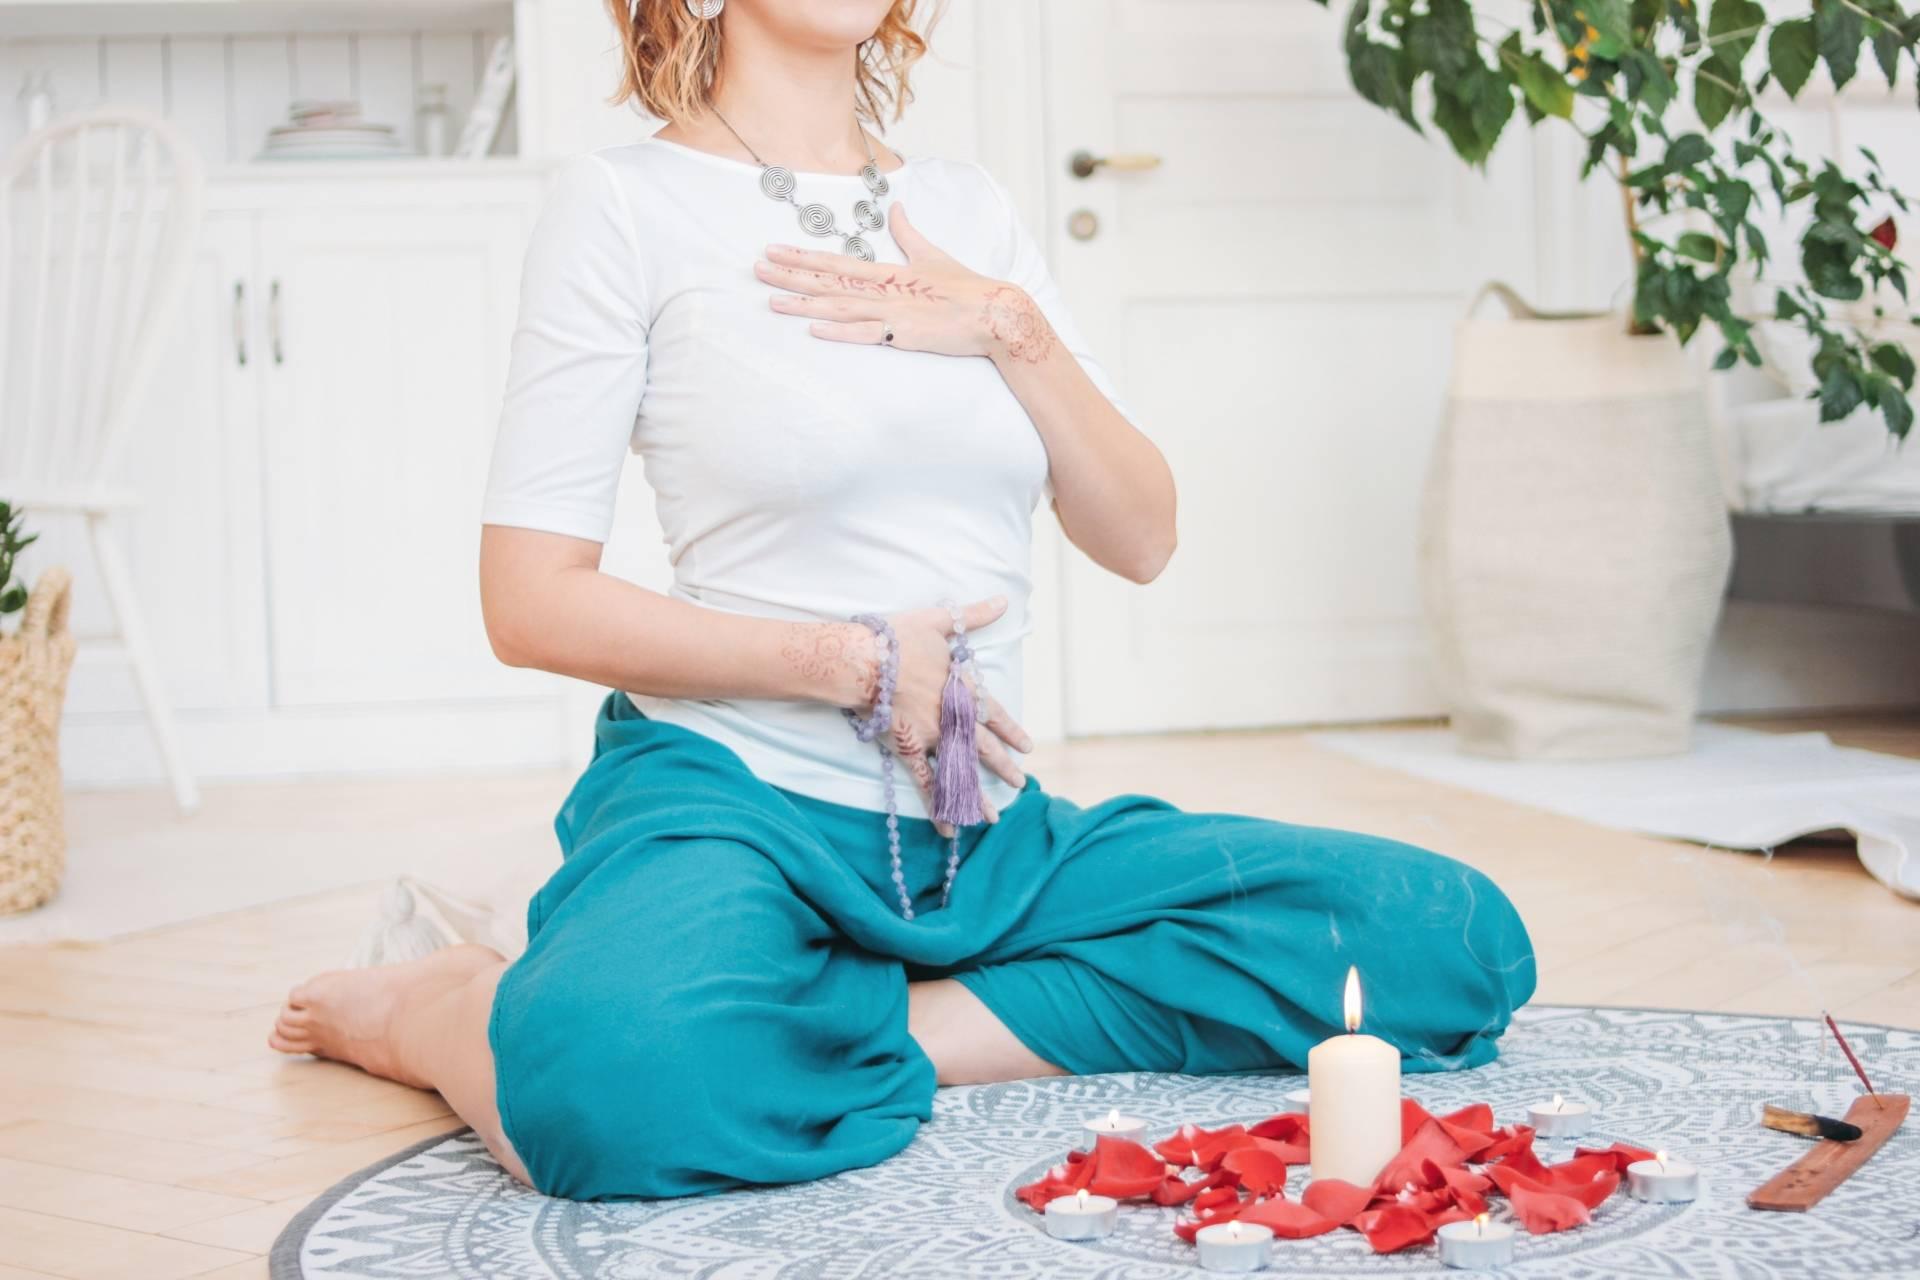 Kobieta medytuje przy zapalonej świecy. Medytacja, joga i ajurweda - sposoby na stres i dobry sen.